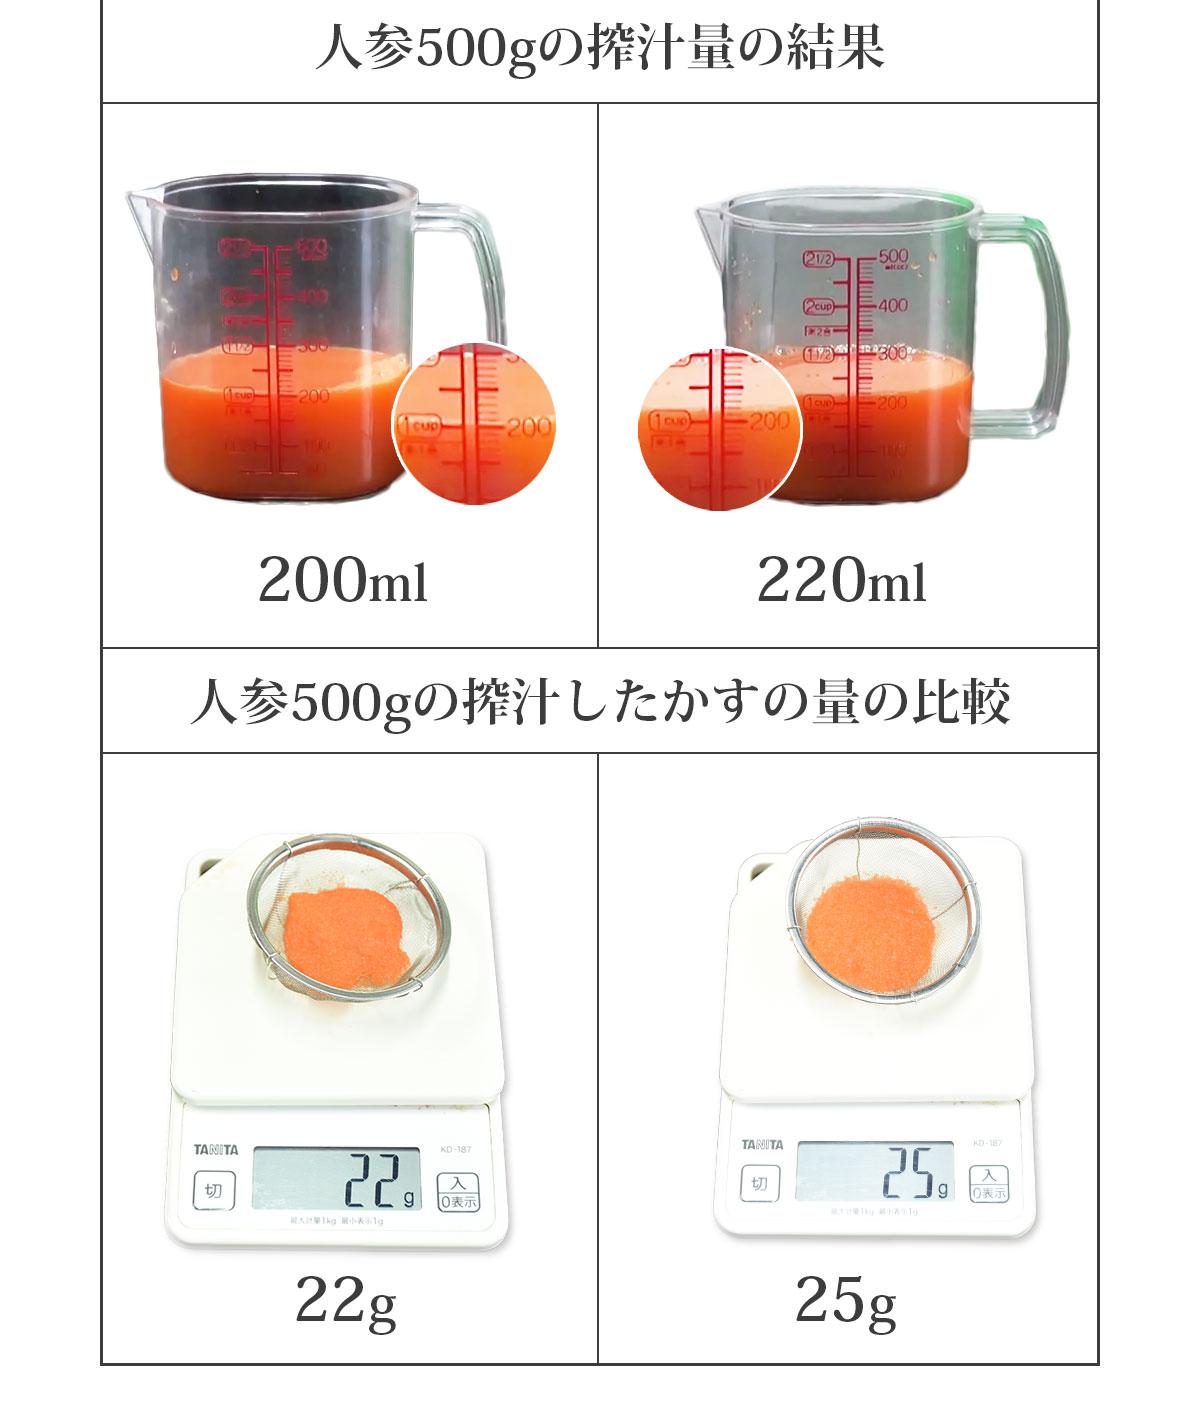 搾汁量の比較、かすの量の比較